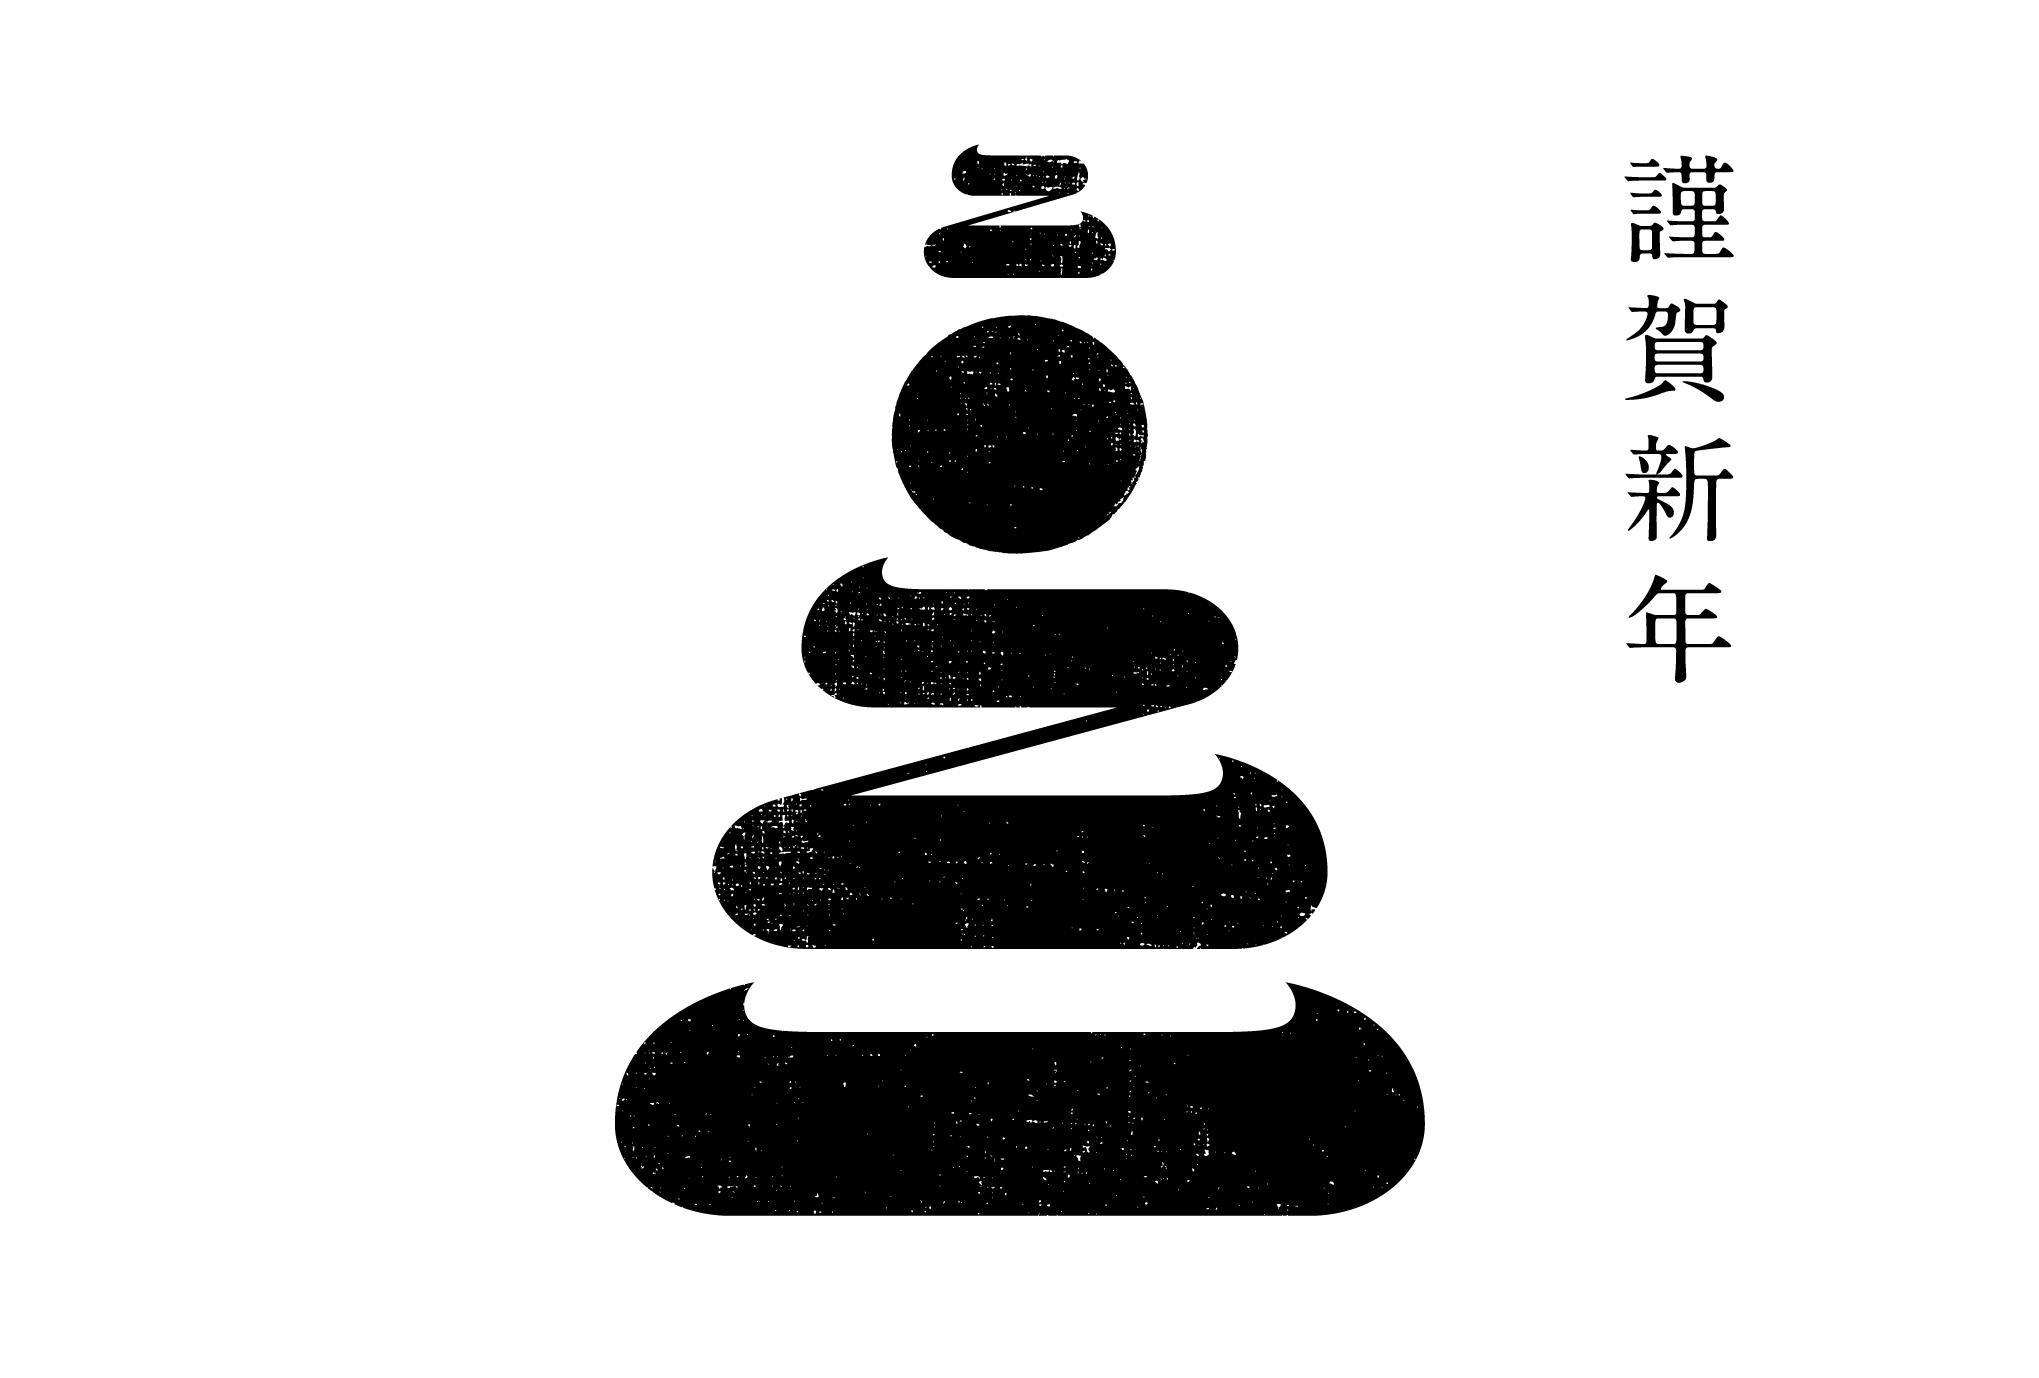 2021年賀状23-2:鏡餅二〇二一(謹賀新年)/ Bのダウンロード画像